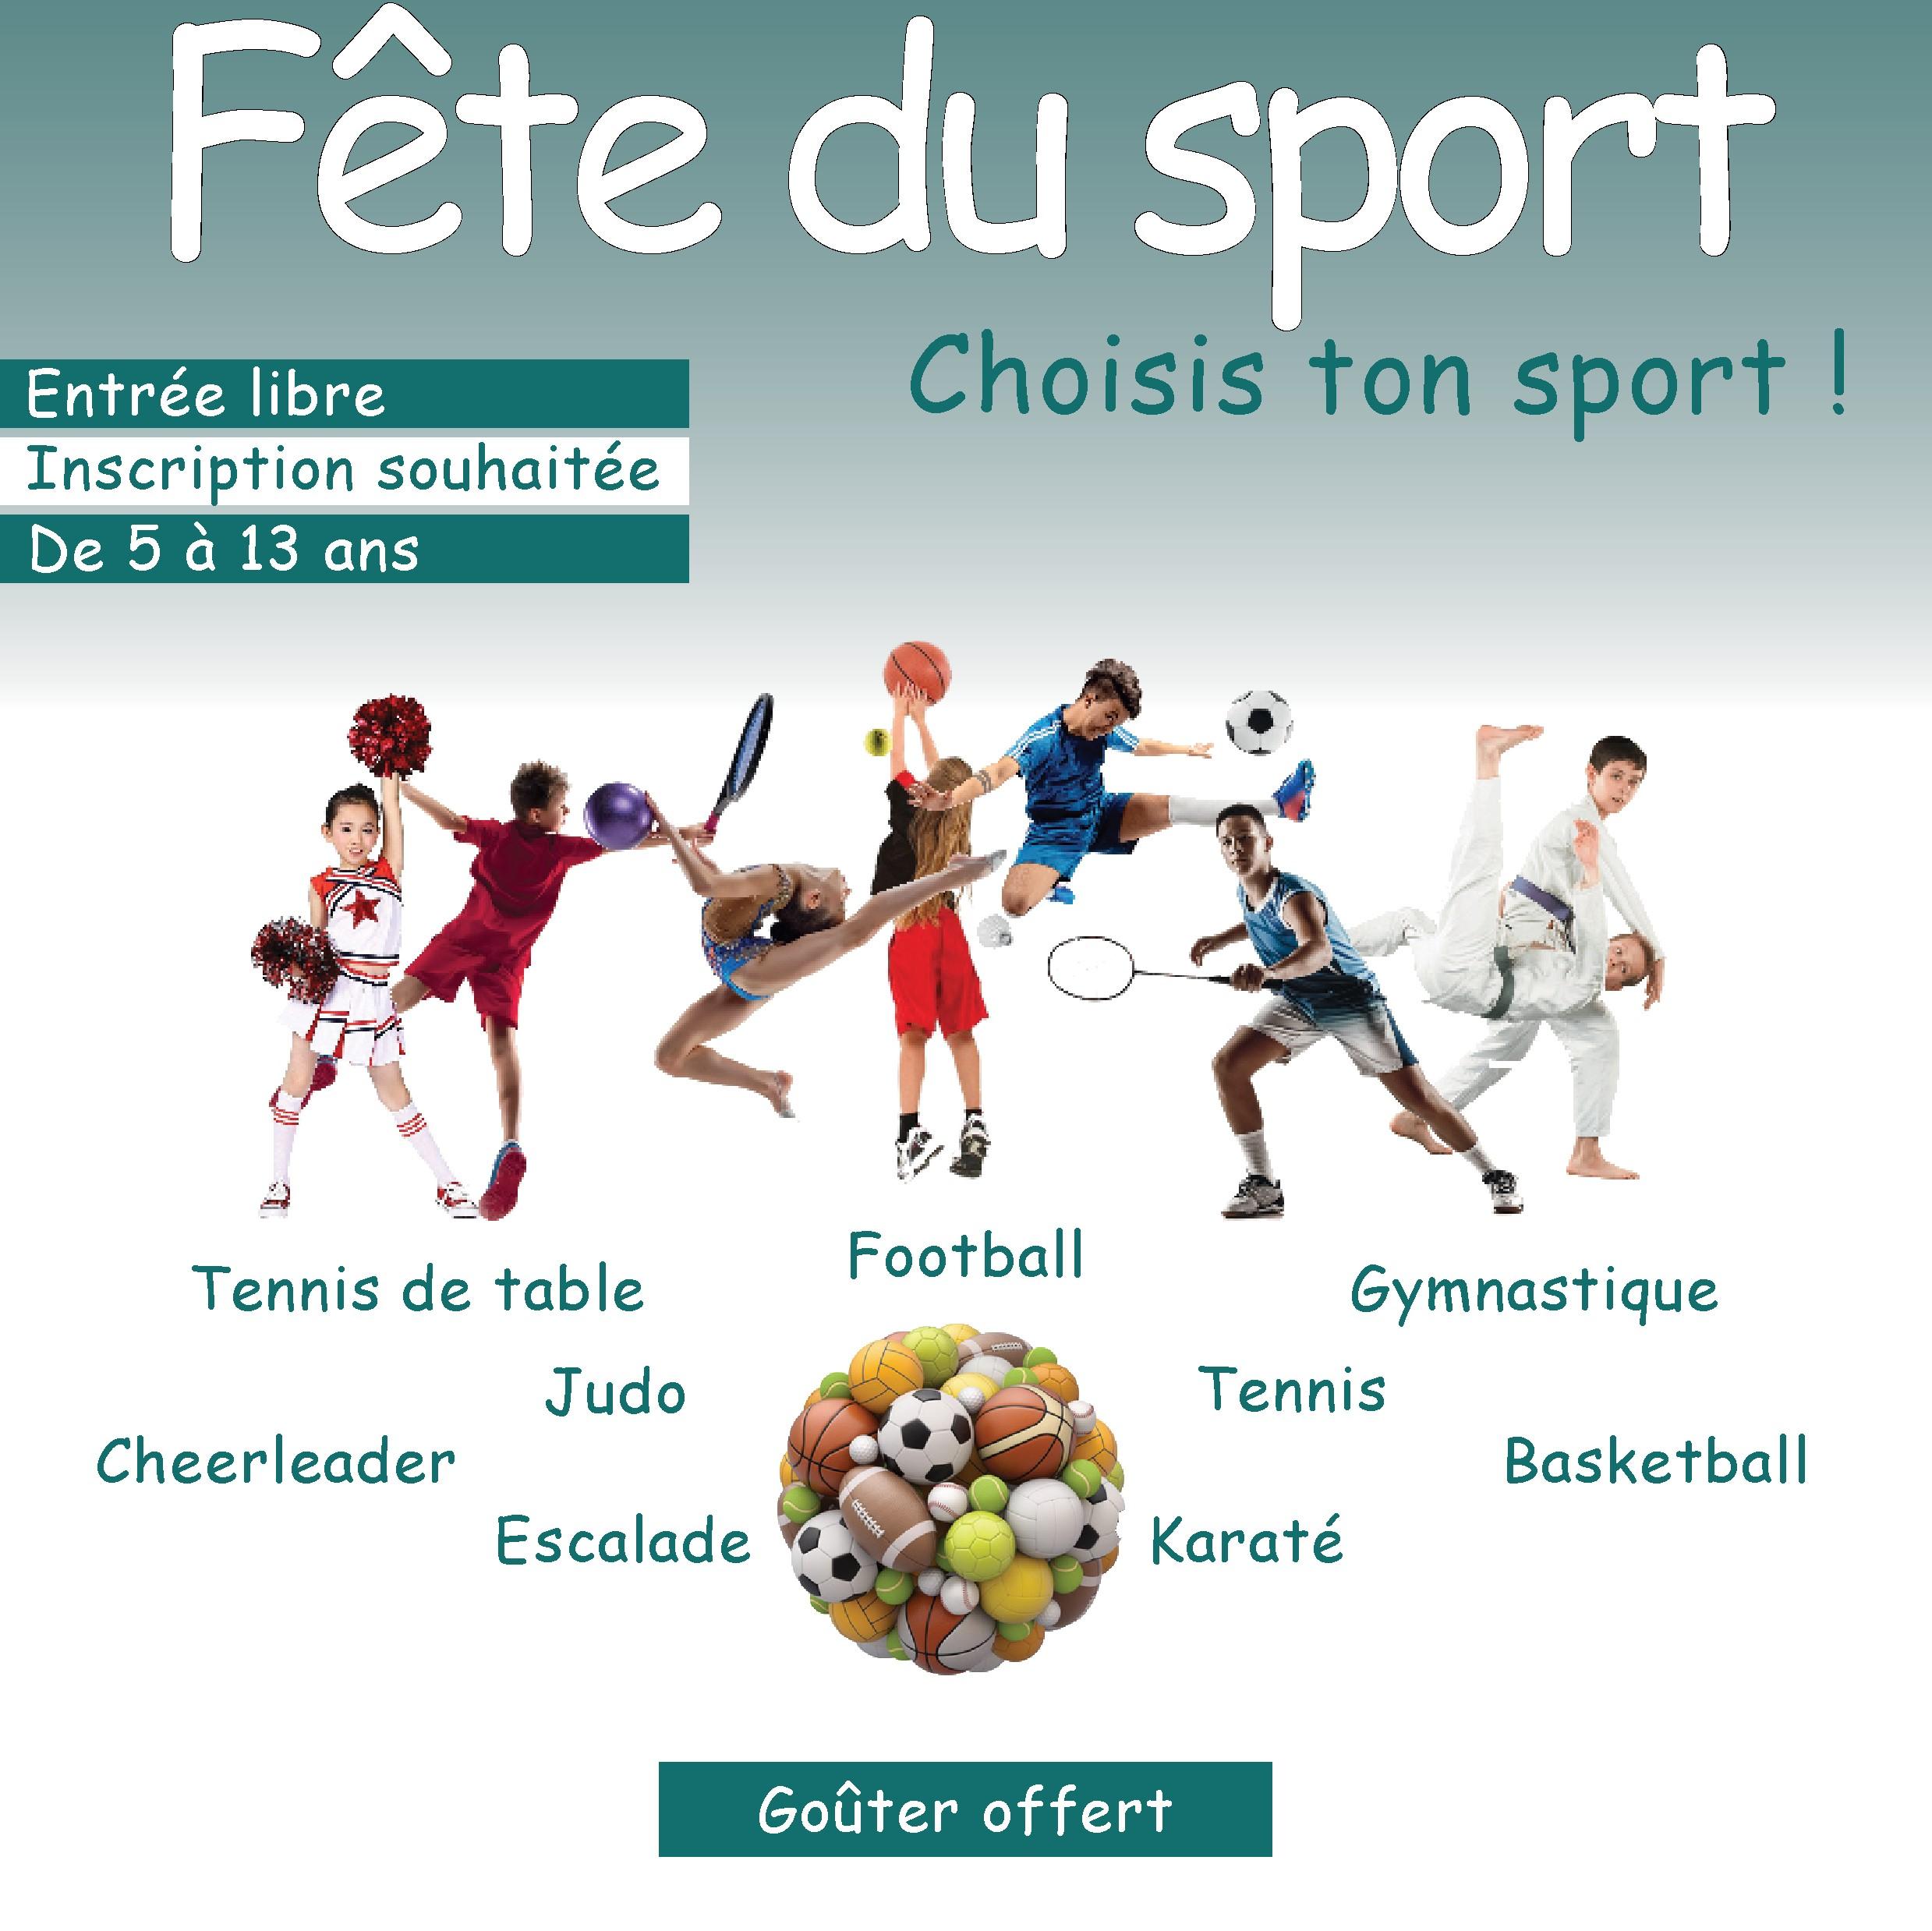 Affiche de la fête du sport